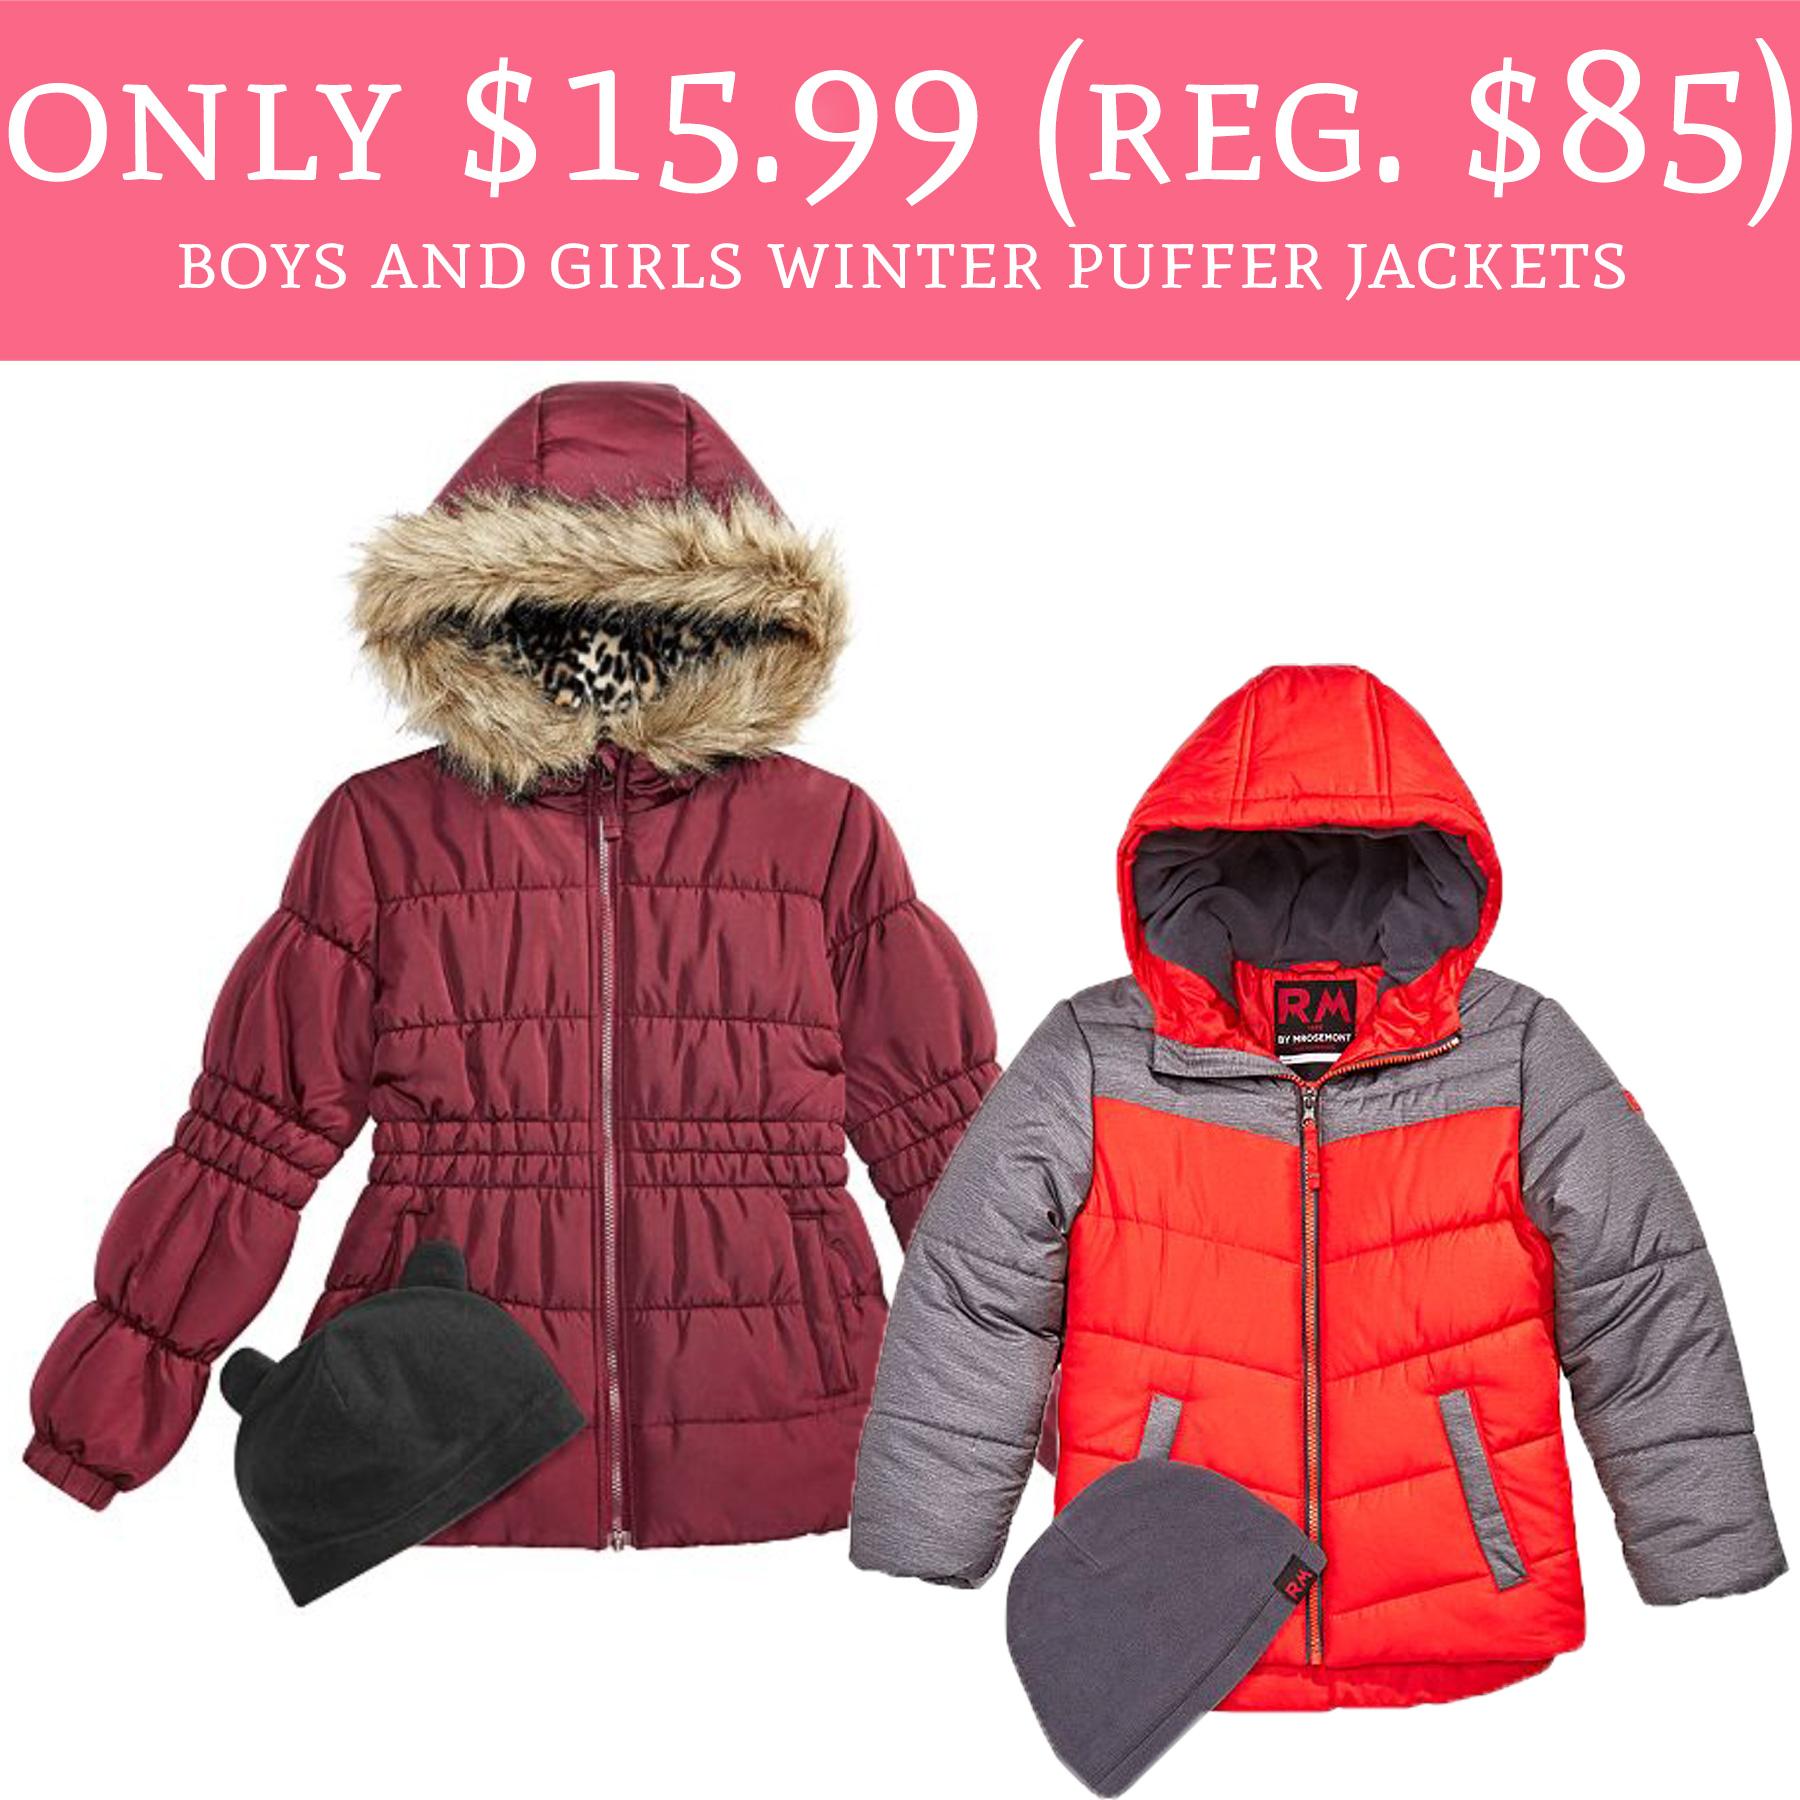 19a36477d Only $15.99 (Regular $85) Boys and Girls Puffer Jackets - Deal ...